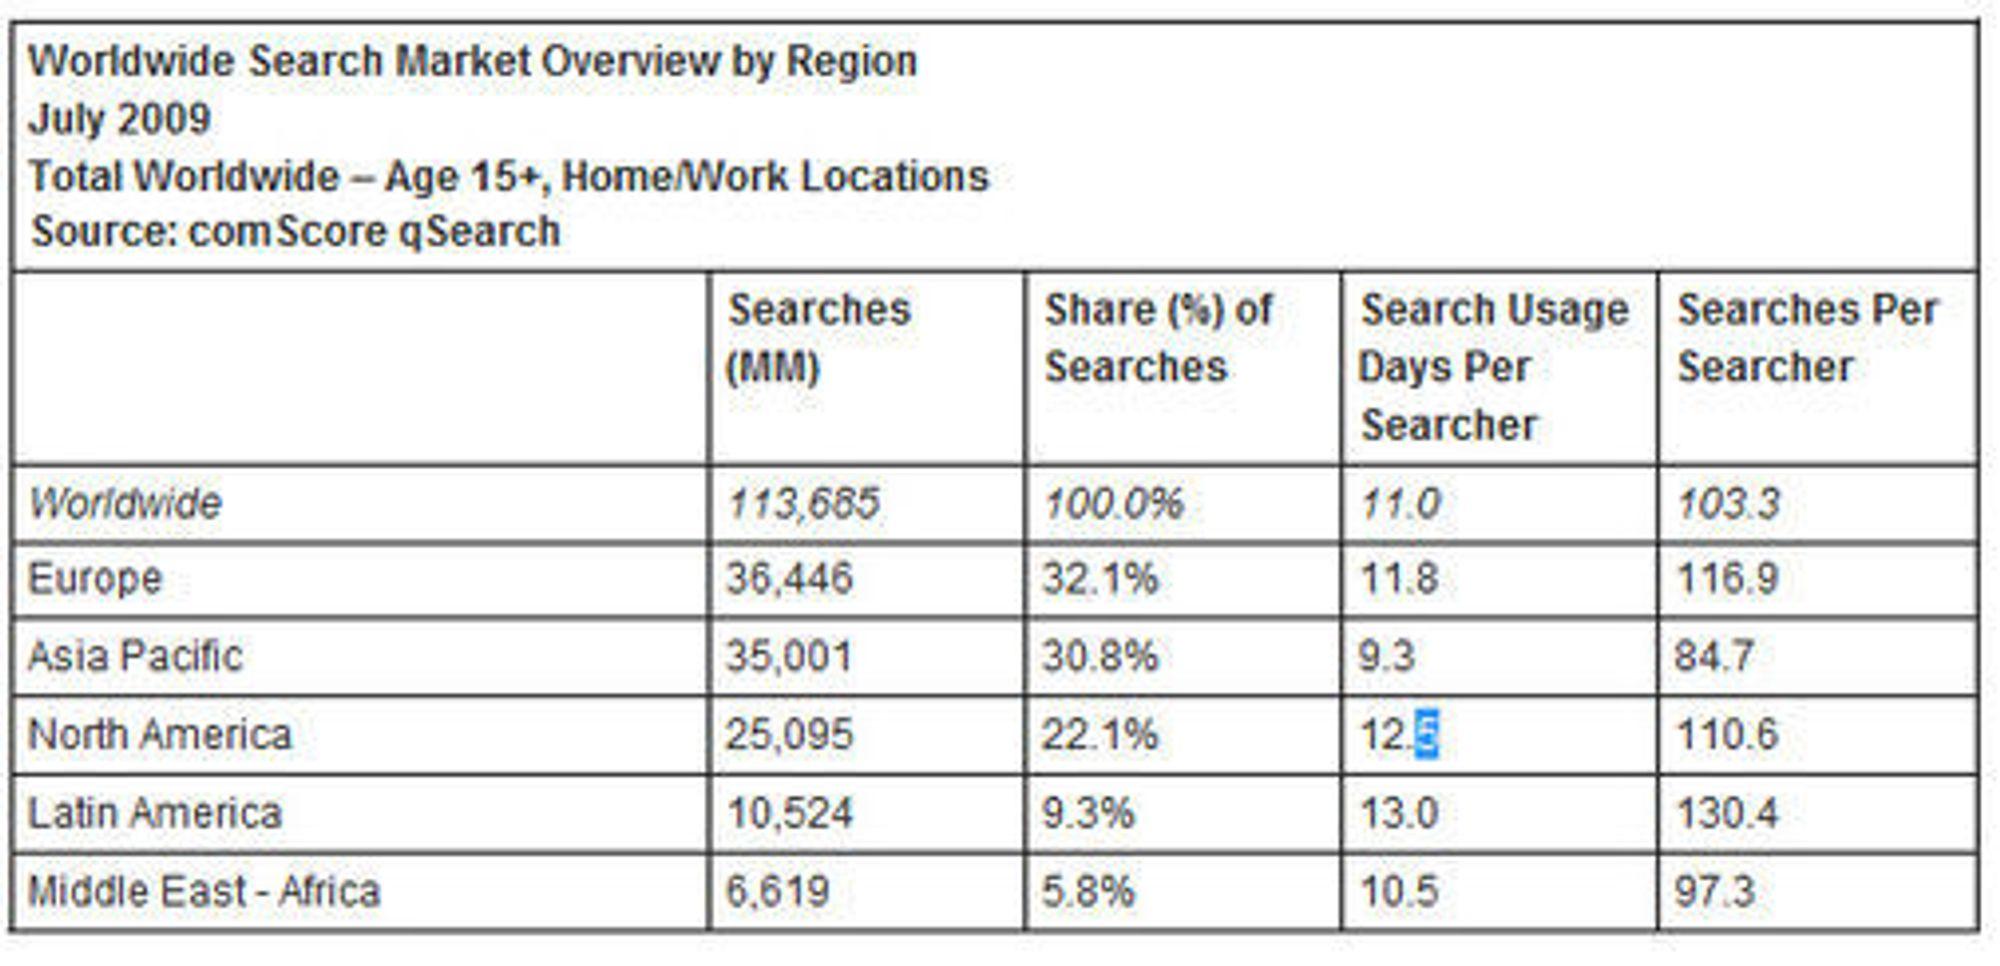 Søkemarkedet juli 2009, fordelt på region. Tall fra ComScore.